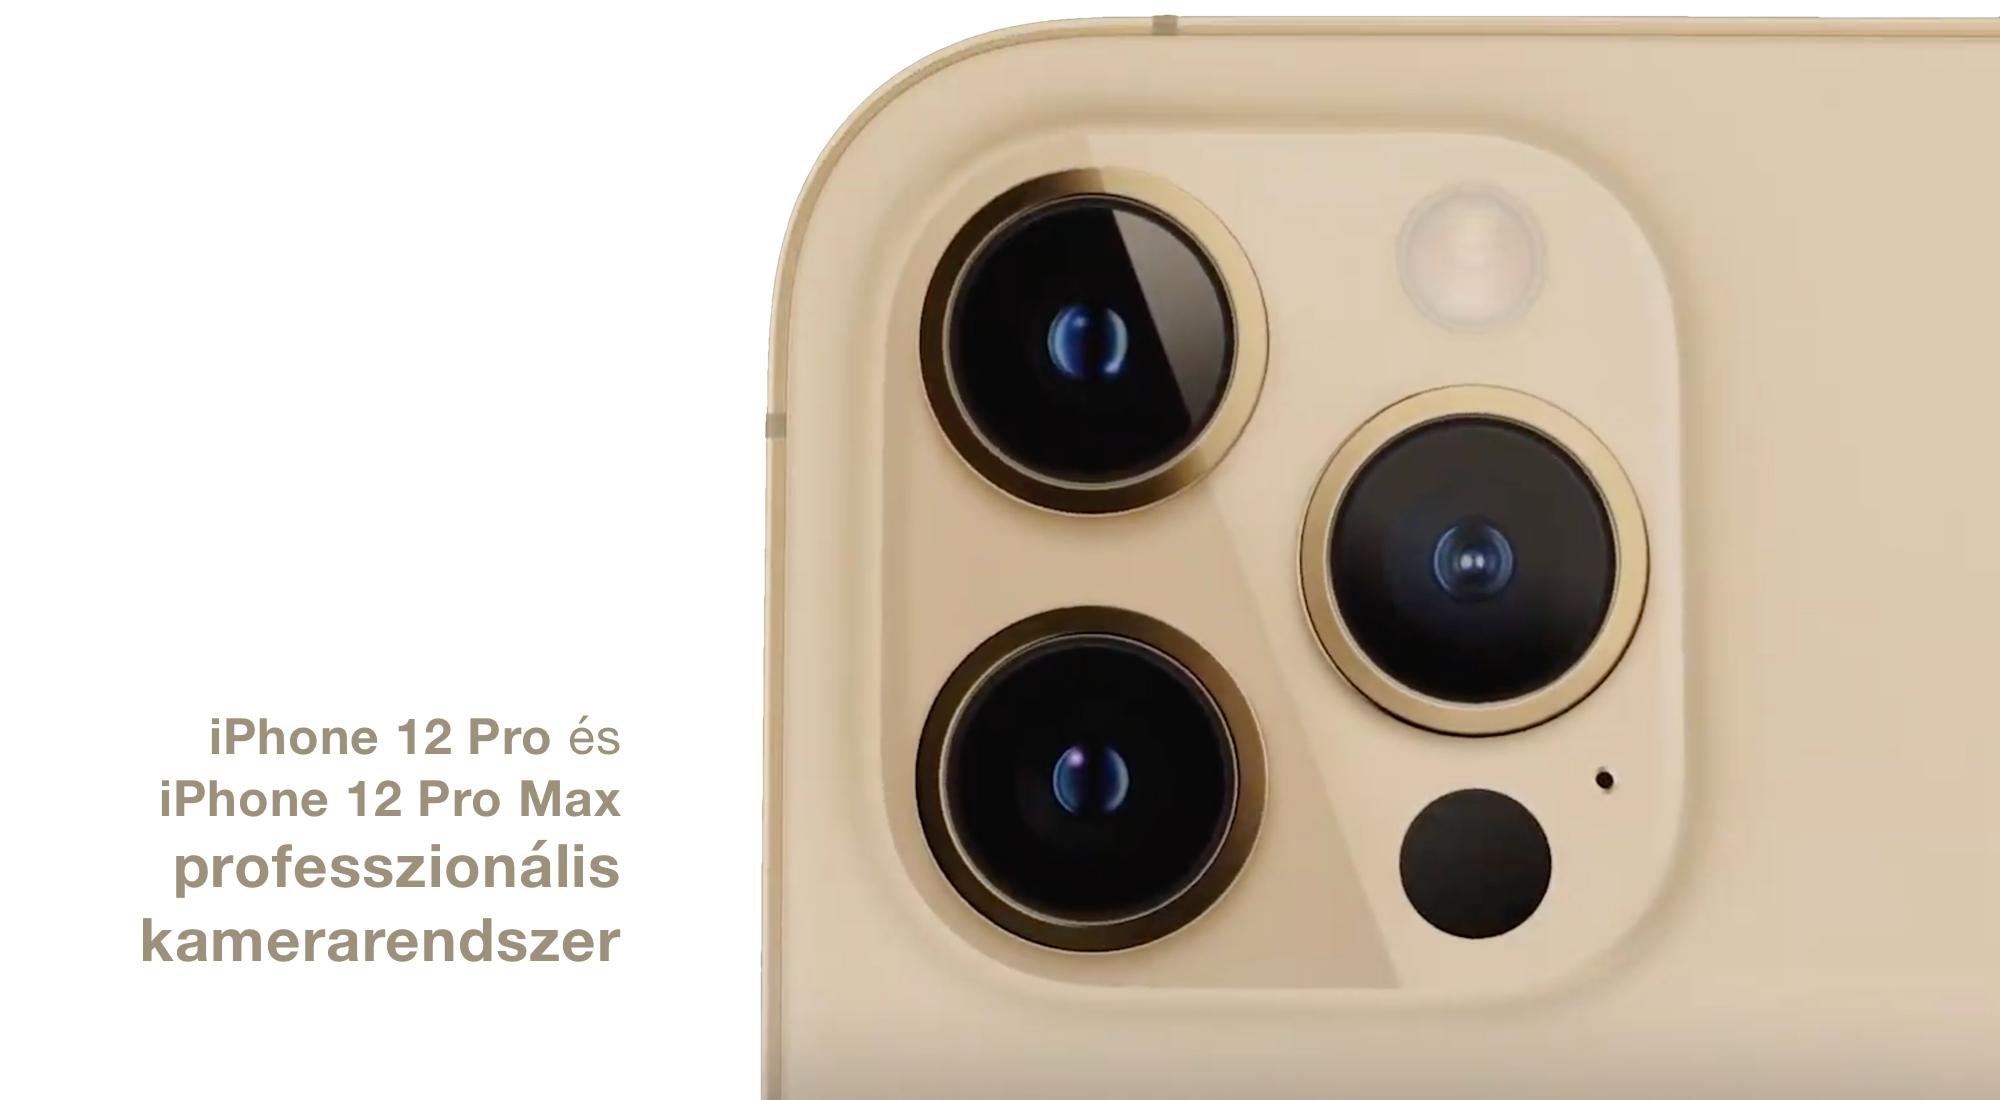 Professzionális kamerarendszer